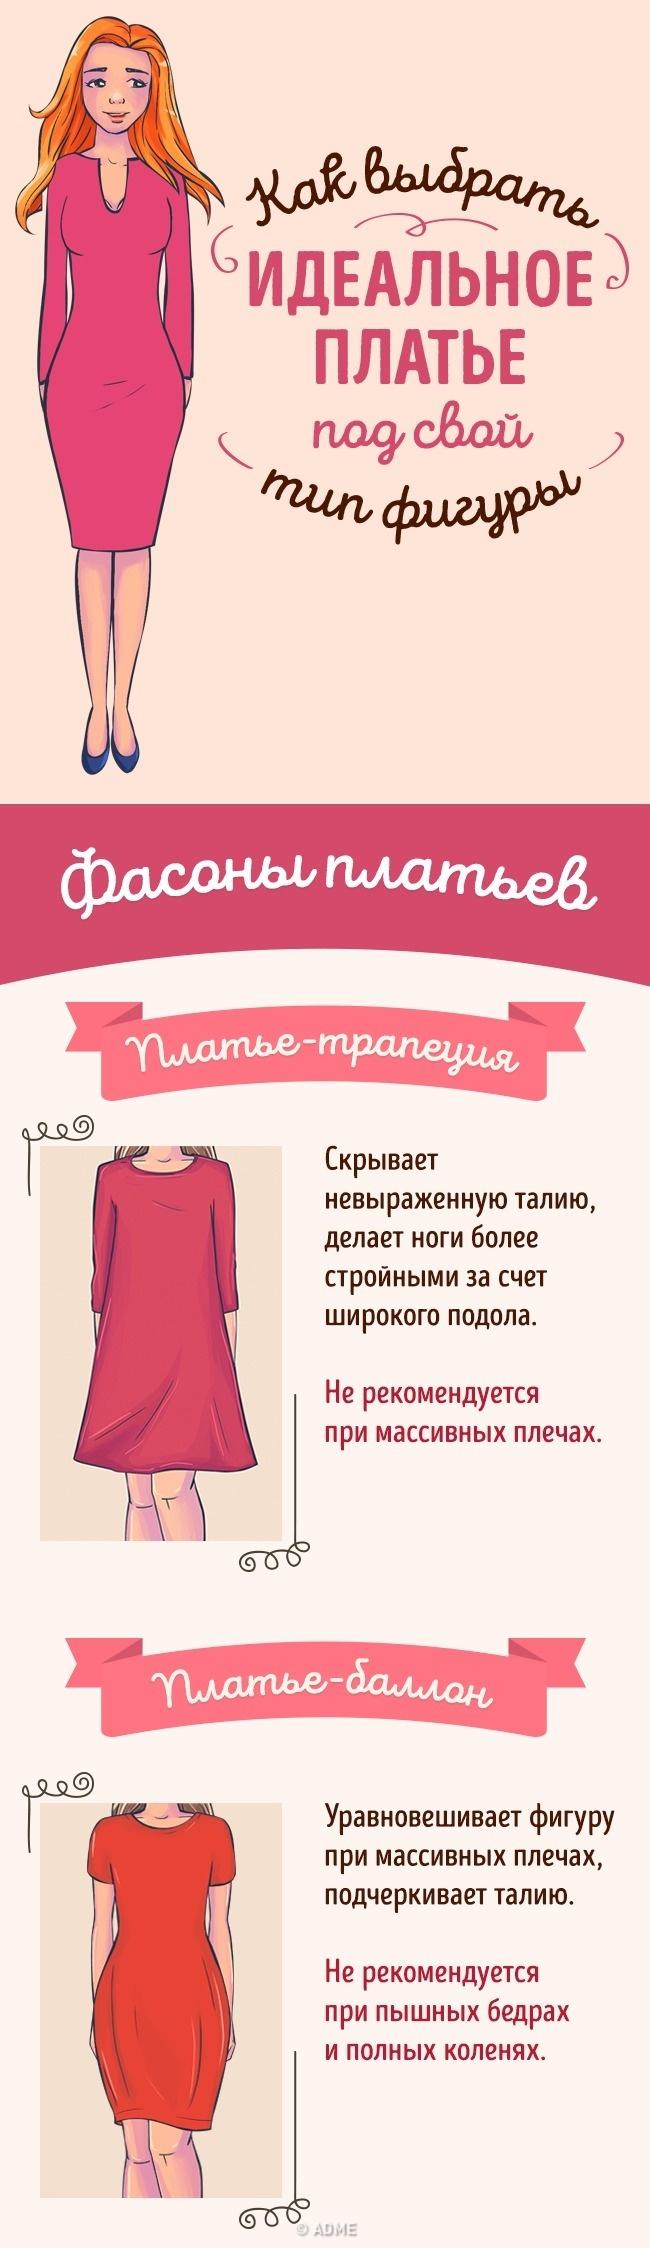 Как выбрать идеальное платье потипу фигуры (10 фото)